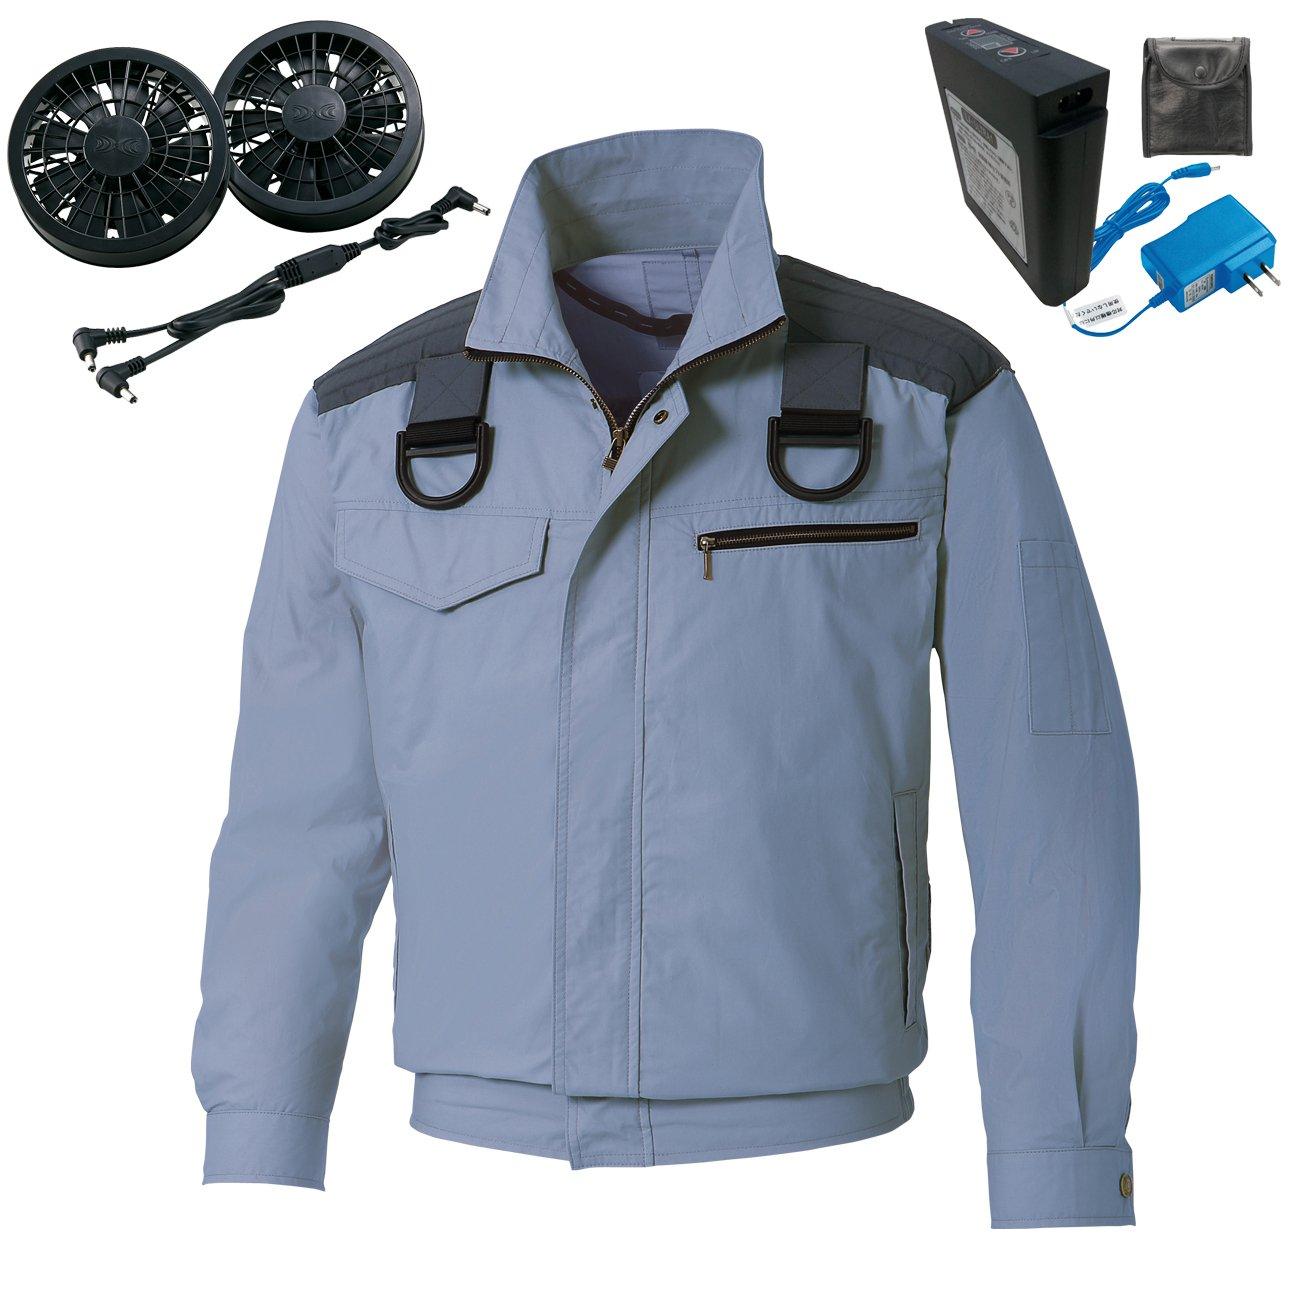 フルハーネス用 空調服 空調風神服 肩パット付長袖ブルゾン 綿100%(空調服社バッテリー+ファン)099‐KU93503F B071R2GFDD LL|4-ブルーグレー 4-ブルーグレー LL